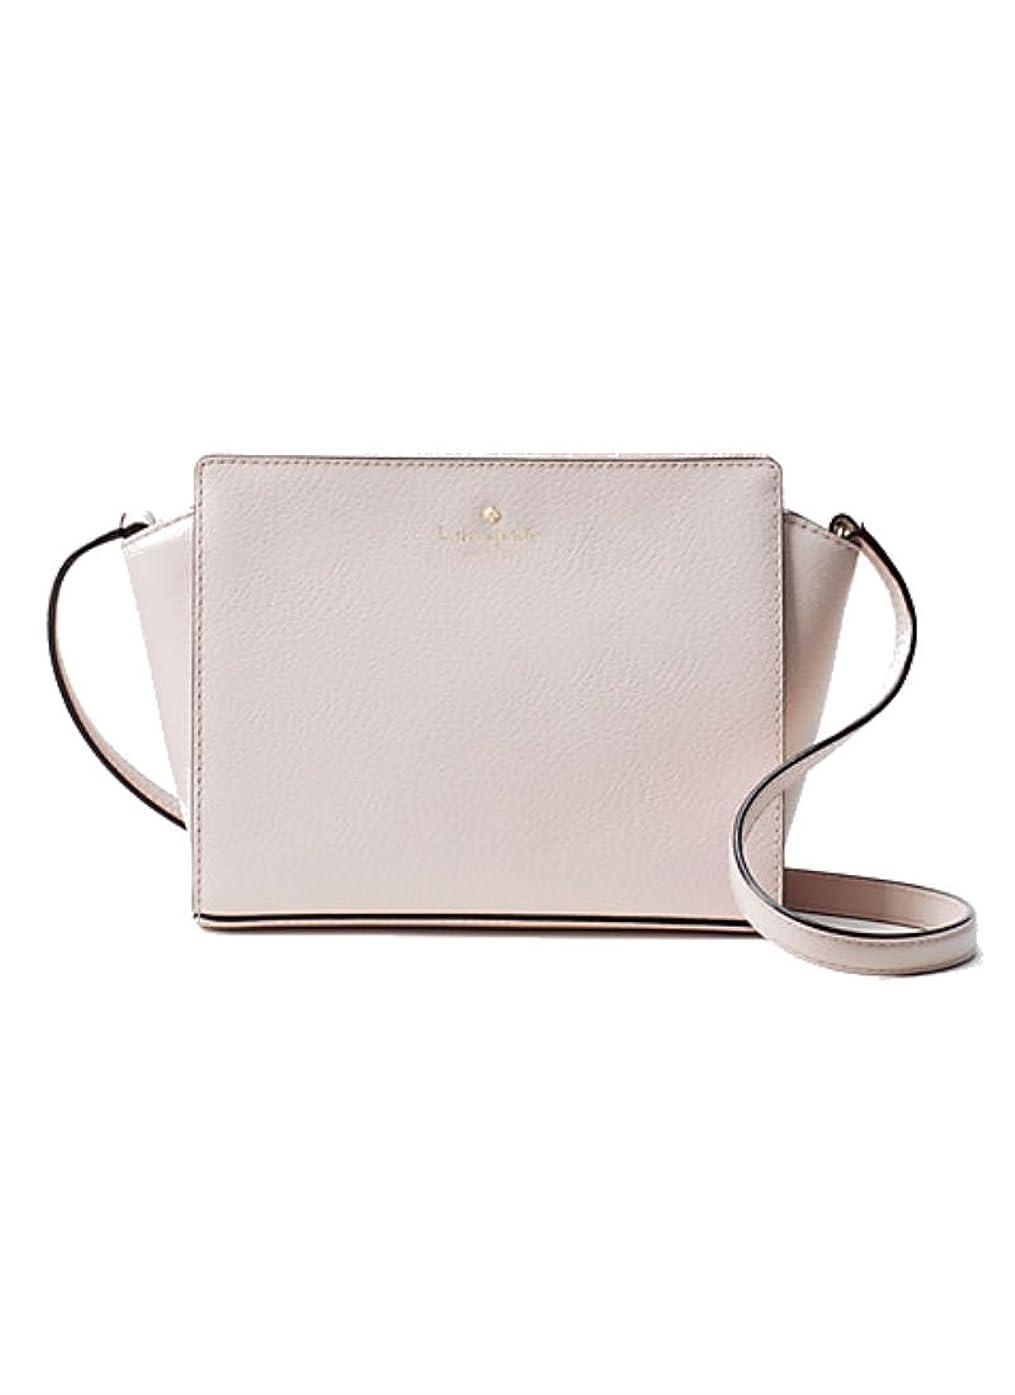 スロー医学手数料Kate Spade New York US サイズ: S カラー: ピンク